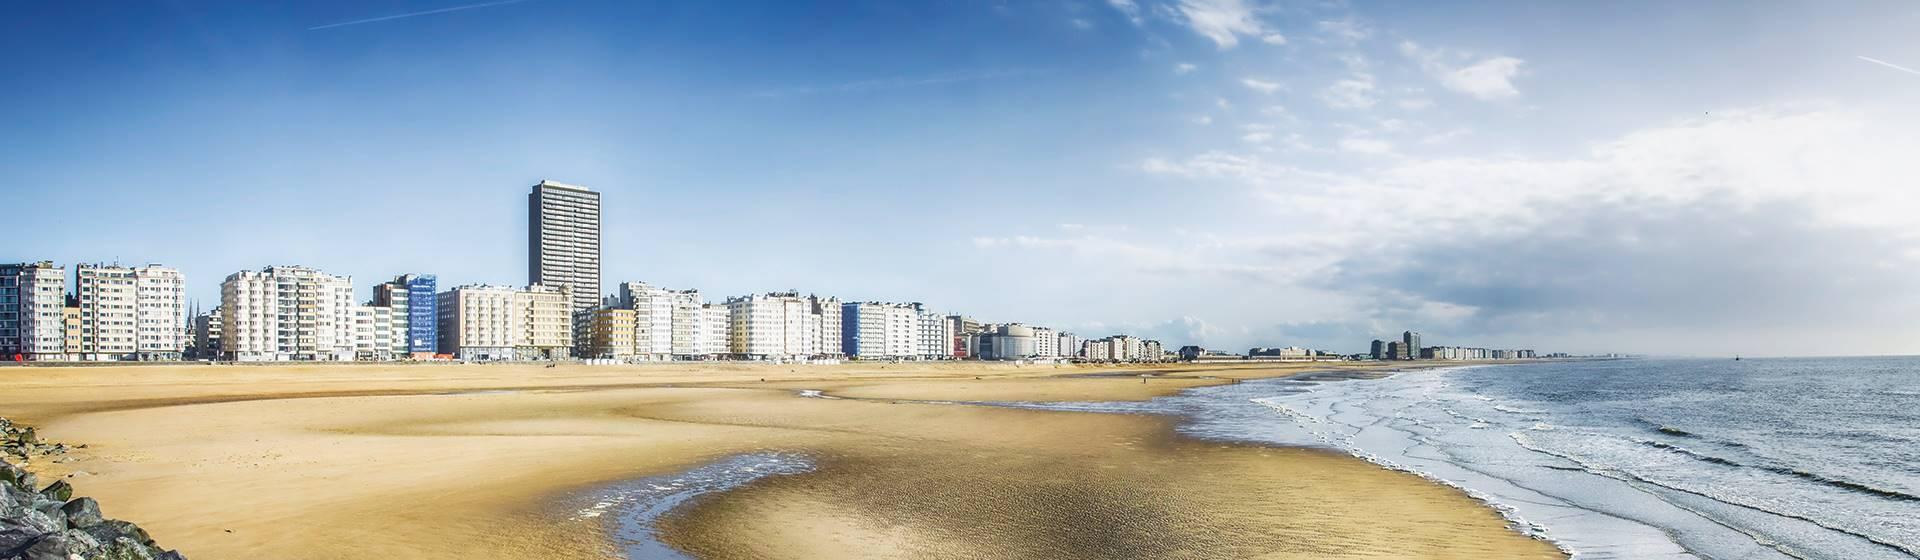 Ostend Beach Break ft Bruges & Ypres